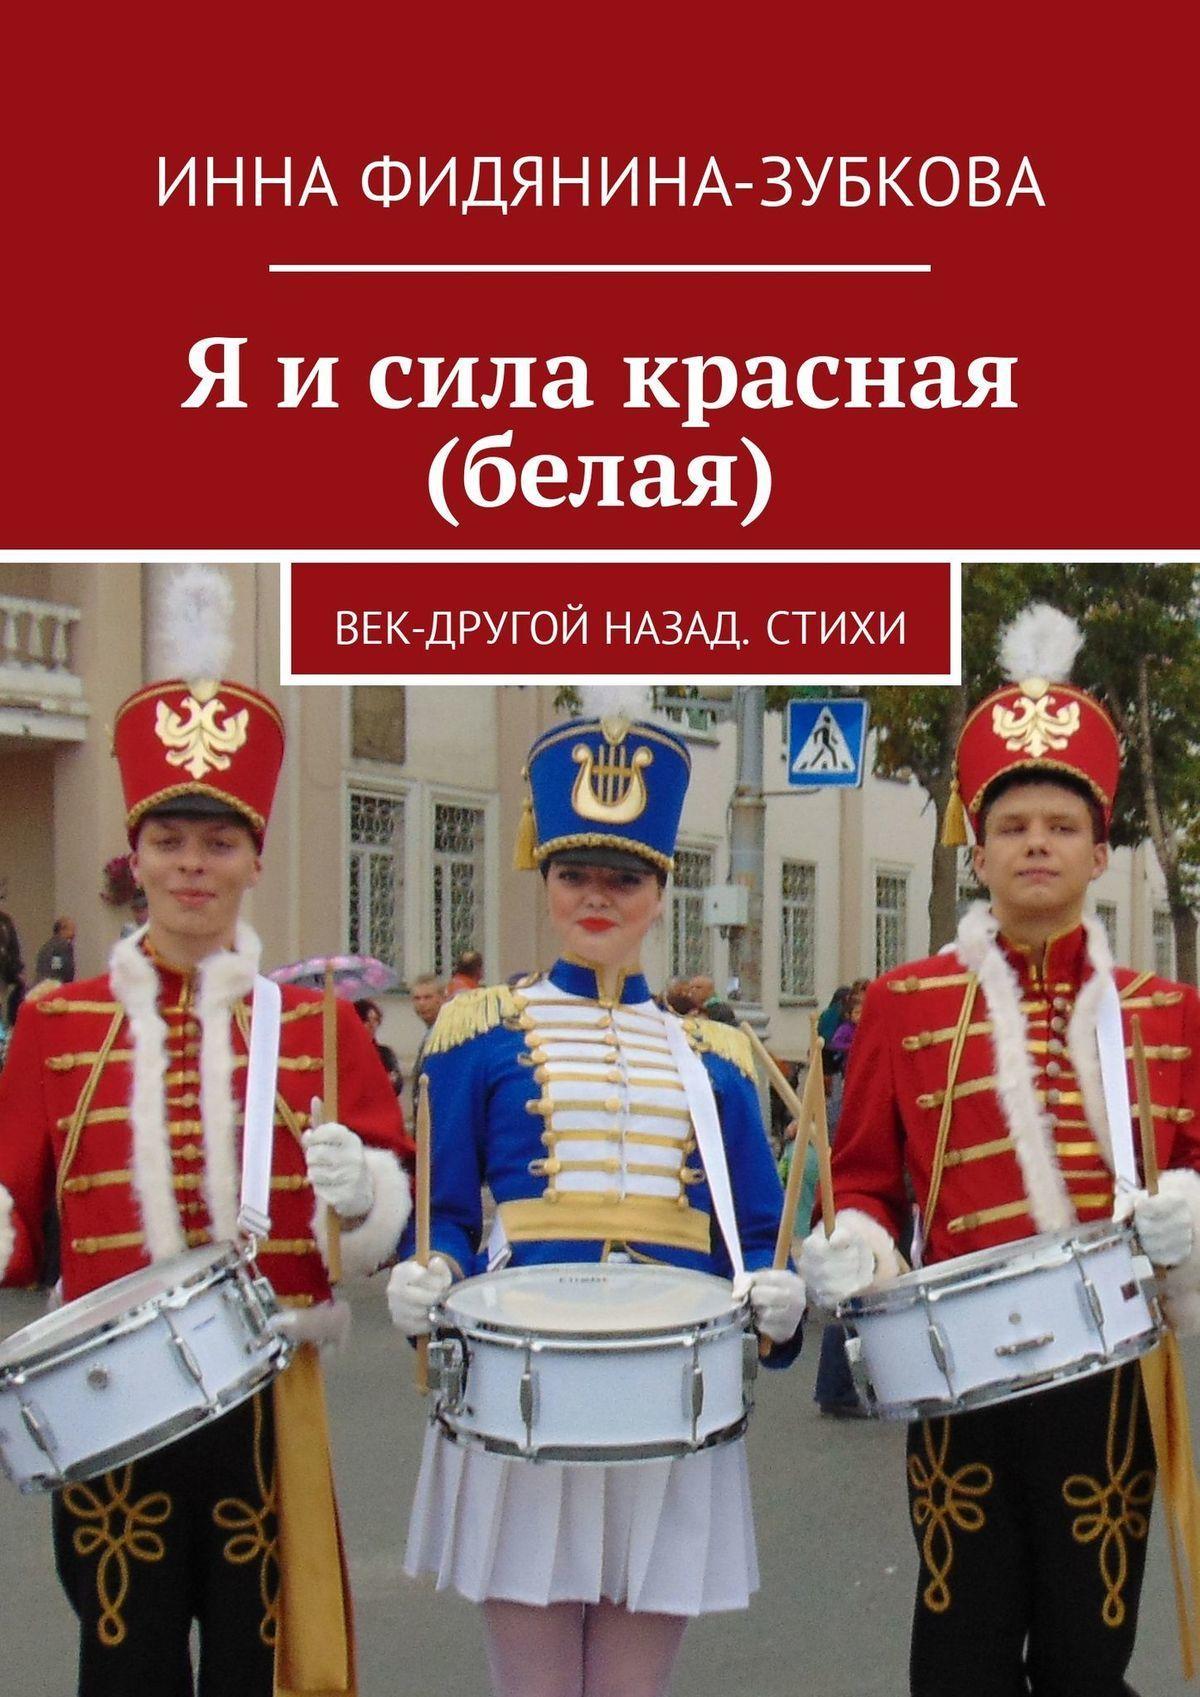 Инна Фидянина-Зубкова Я исила красная (белая). Век-другой назад. Стихи